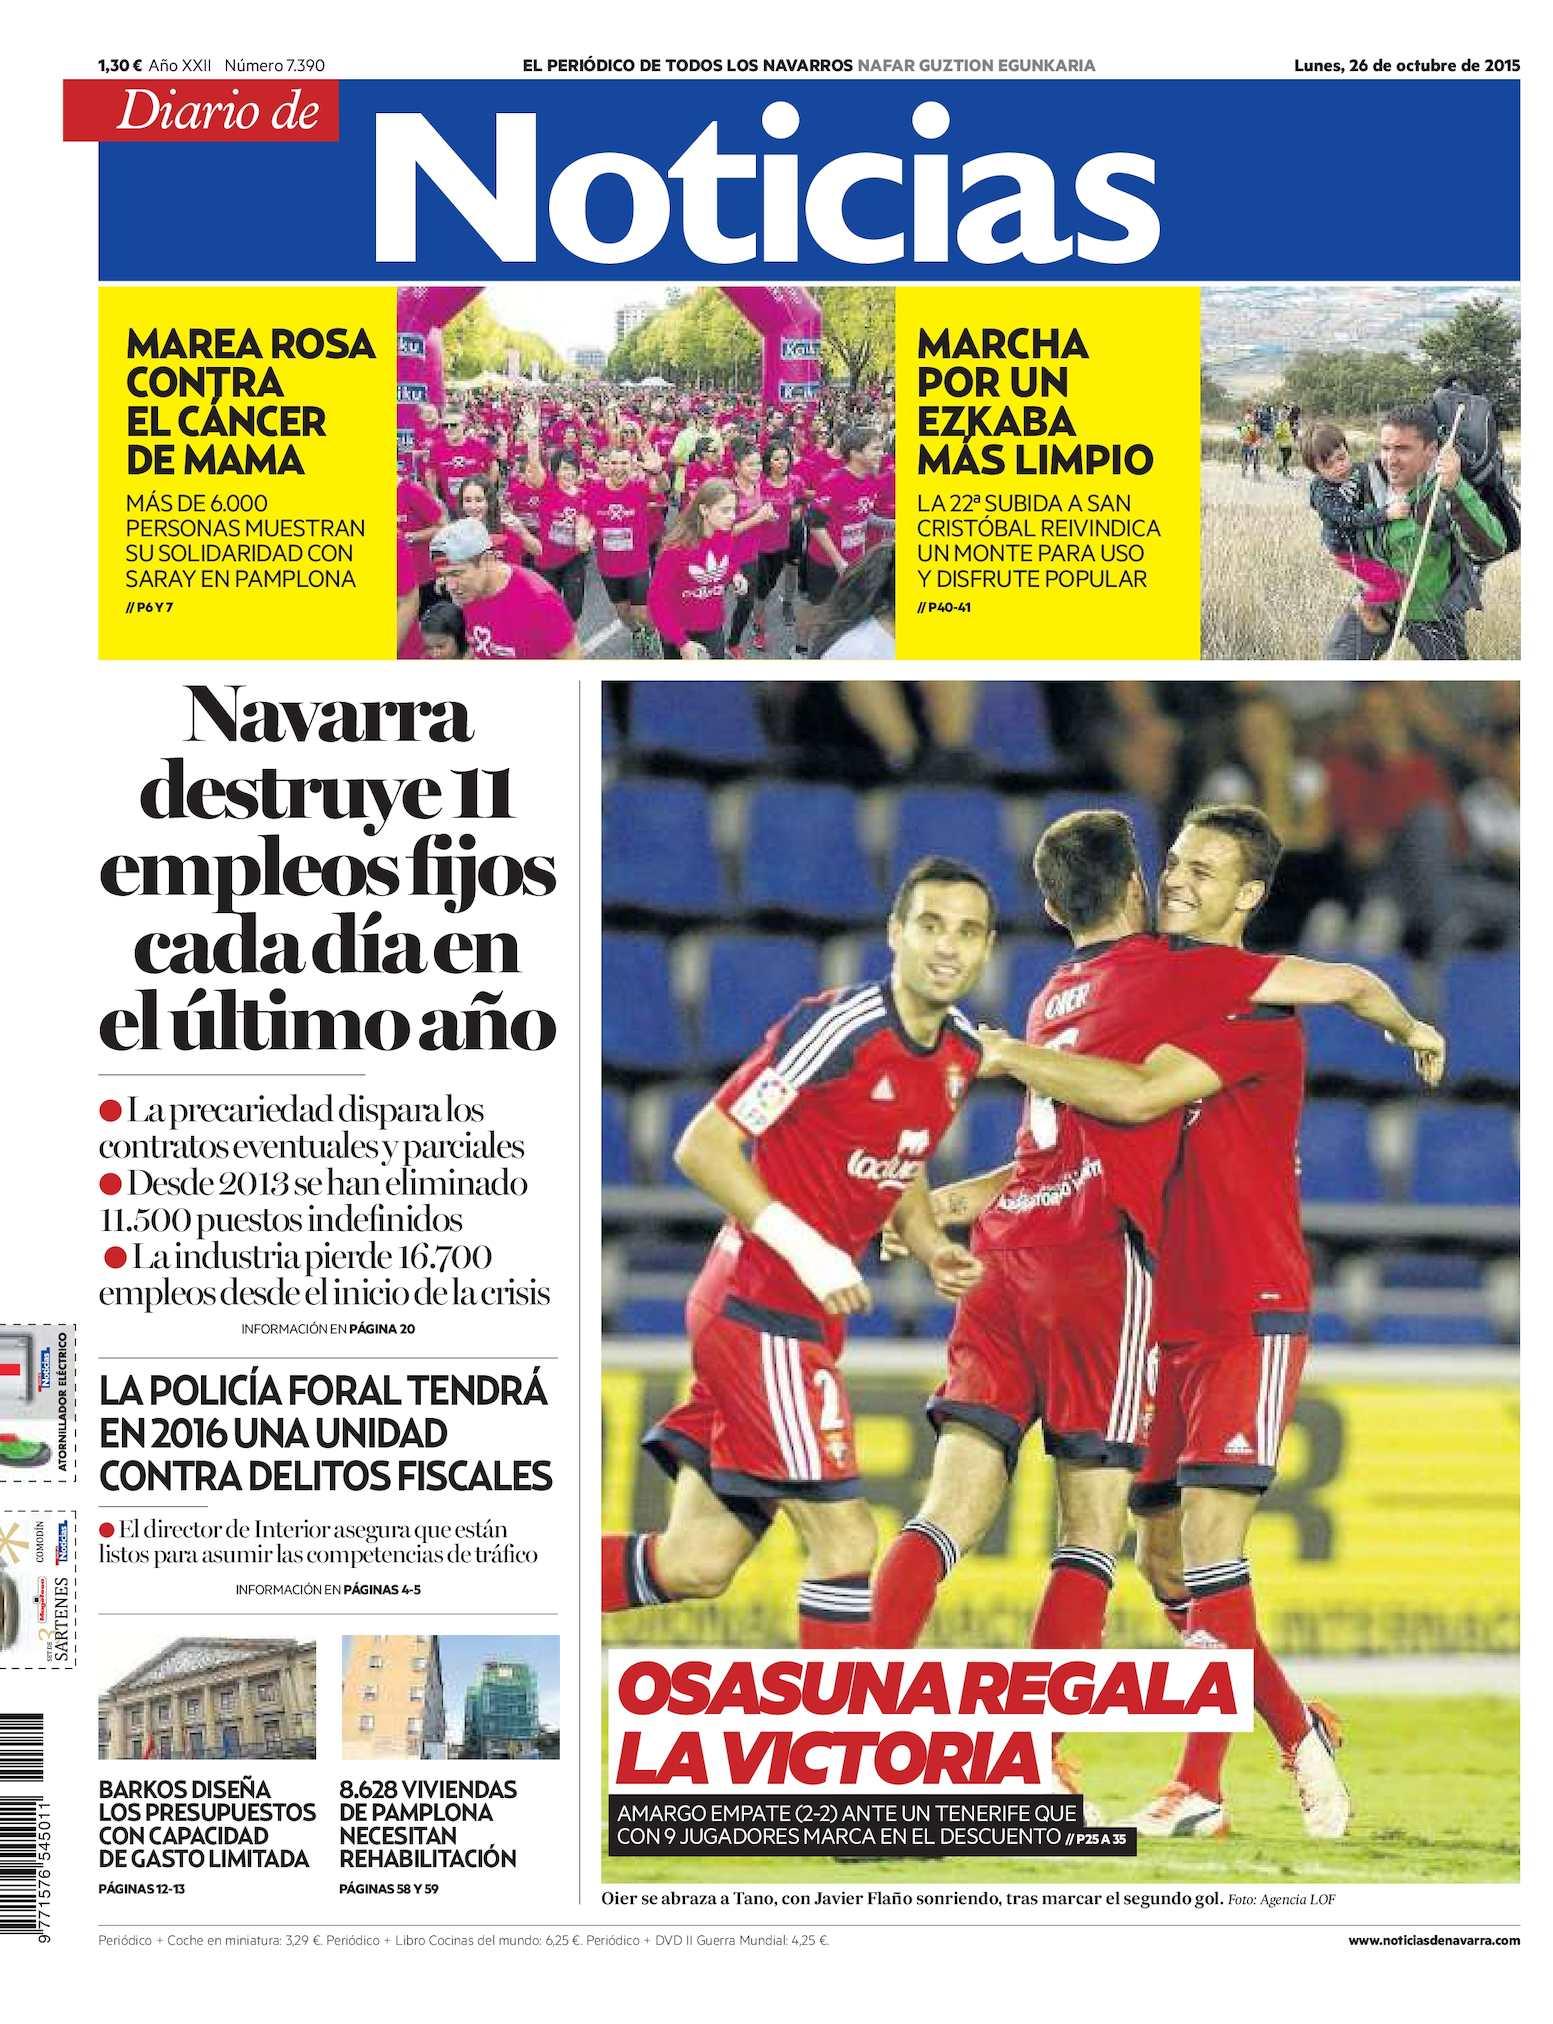 Calaméo - Diario de Noticias 20151026